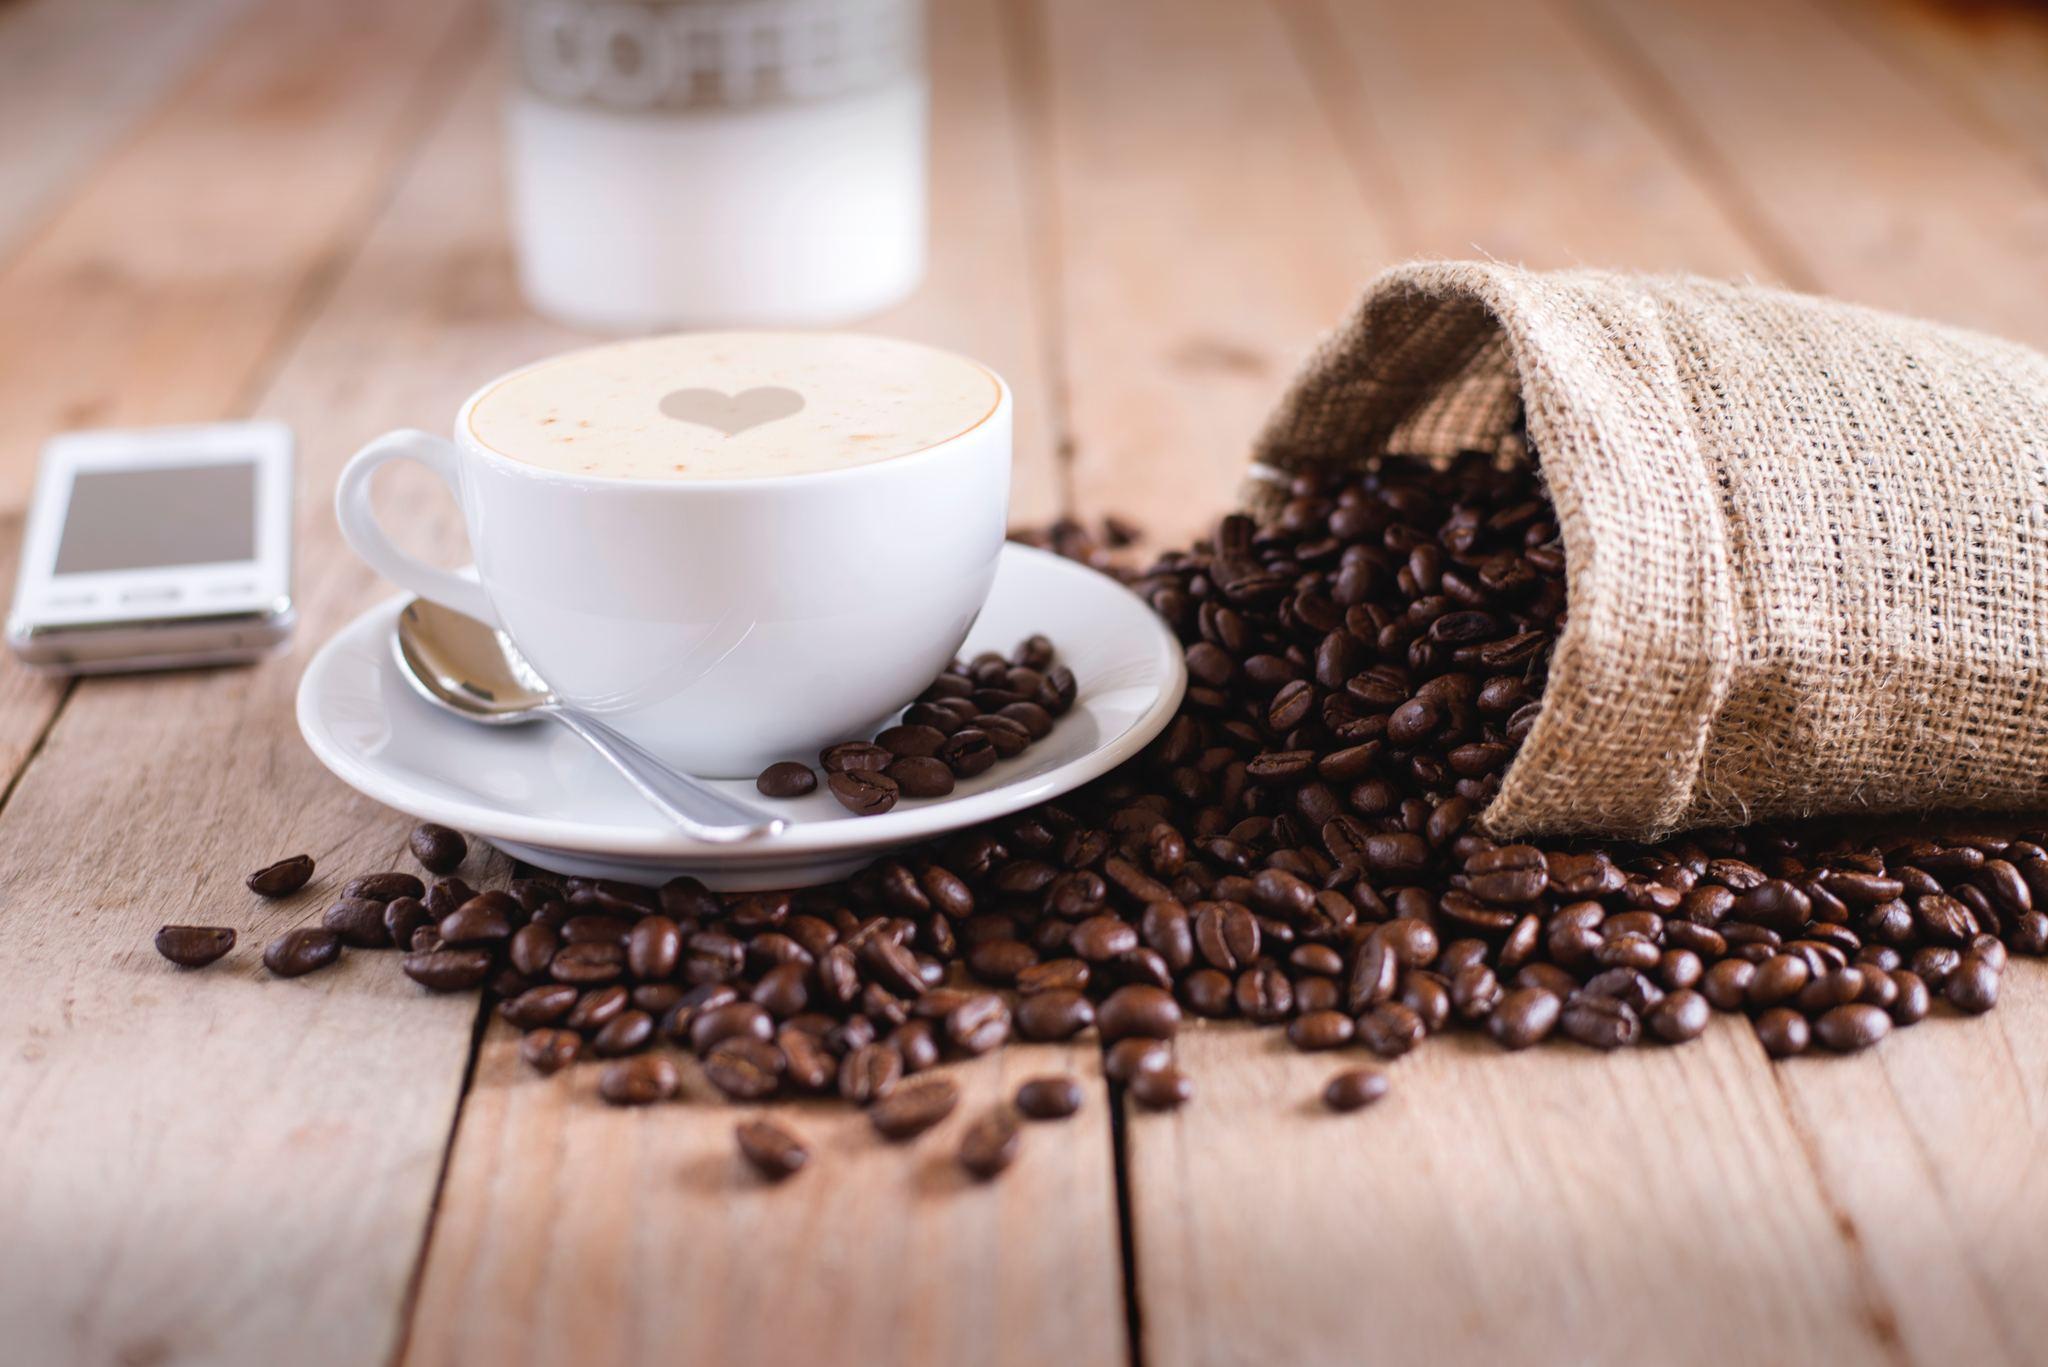 Топ-9 скрытых способностей кофе